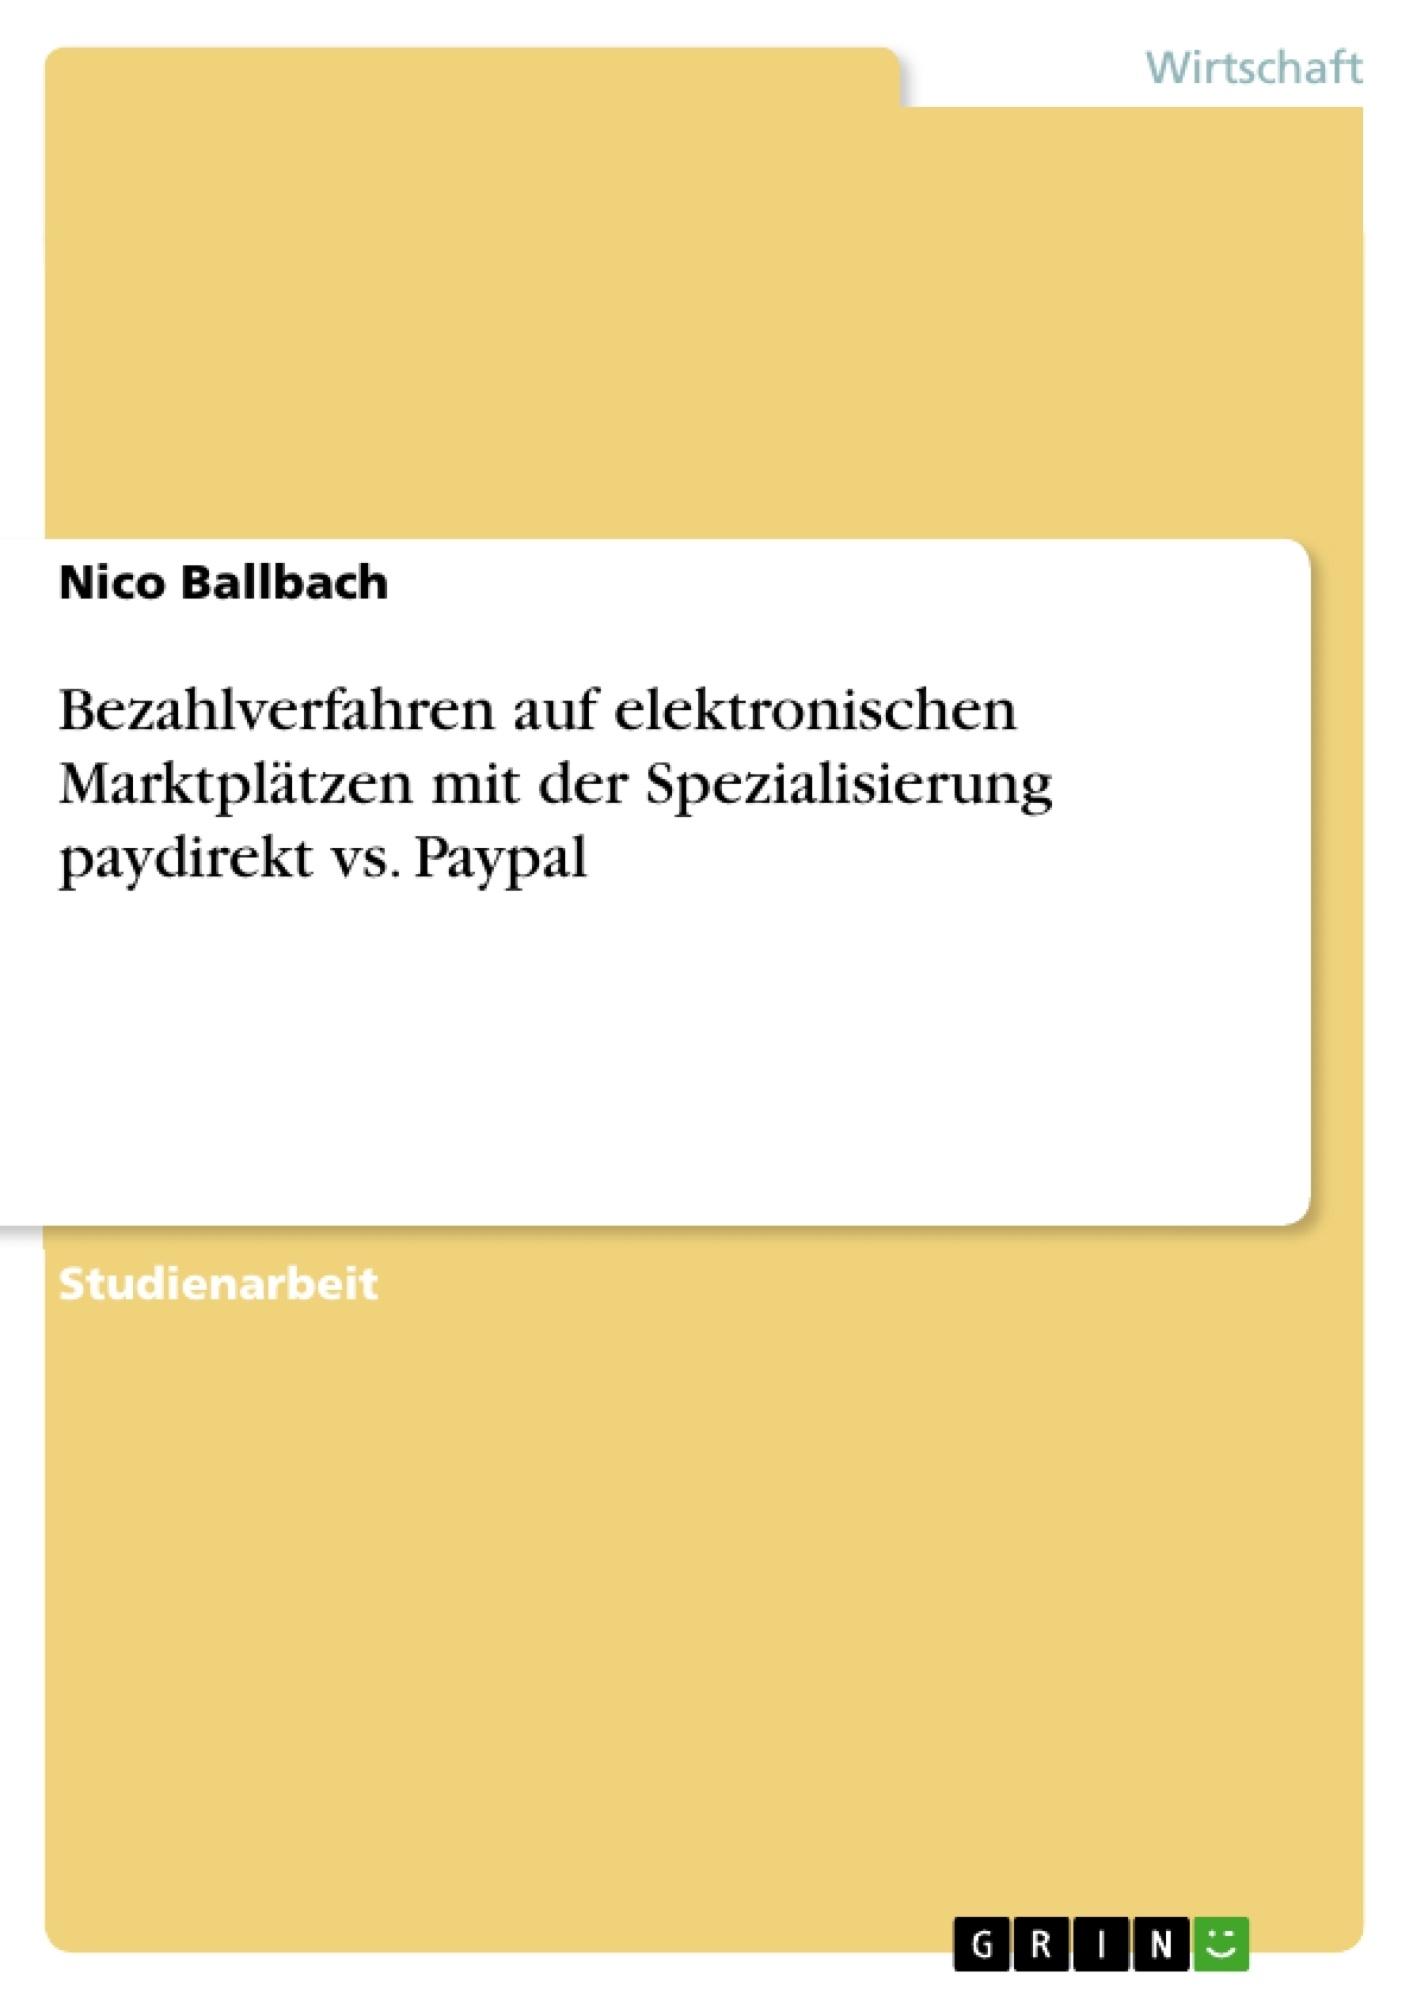 Titel: Bezahlverfahren auf elektronischen Marktplätzen mit der Spezialisierung paydirekt vs. Paypal